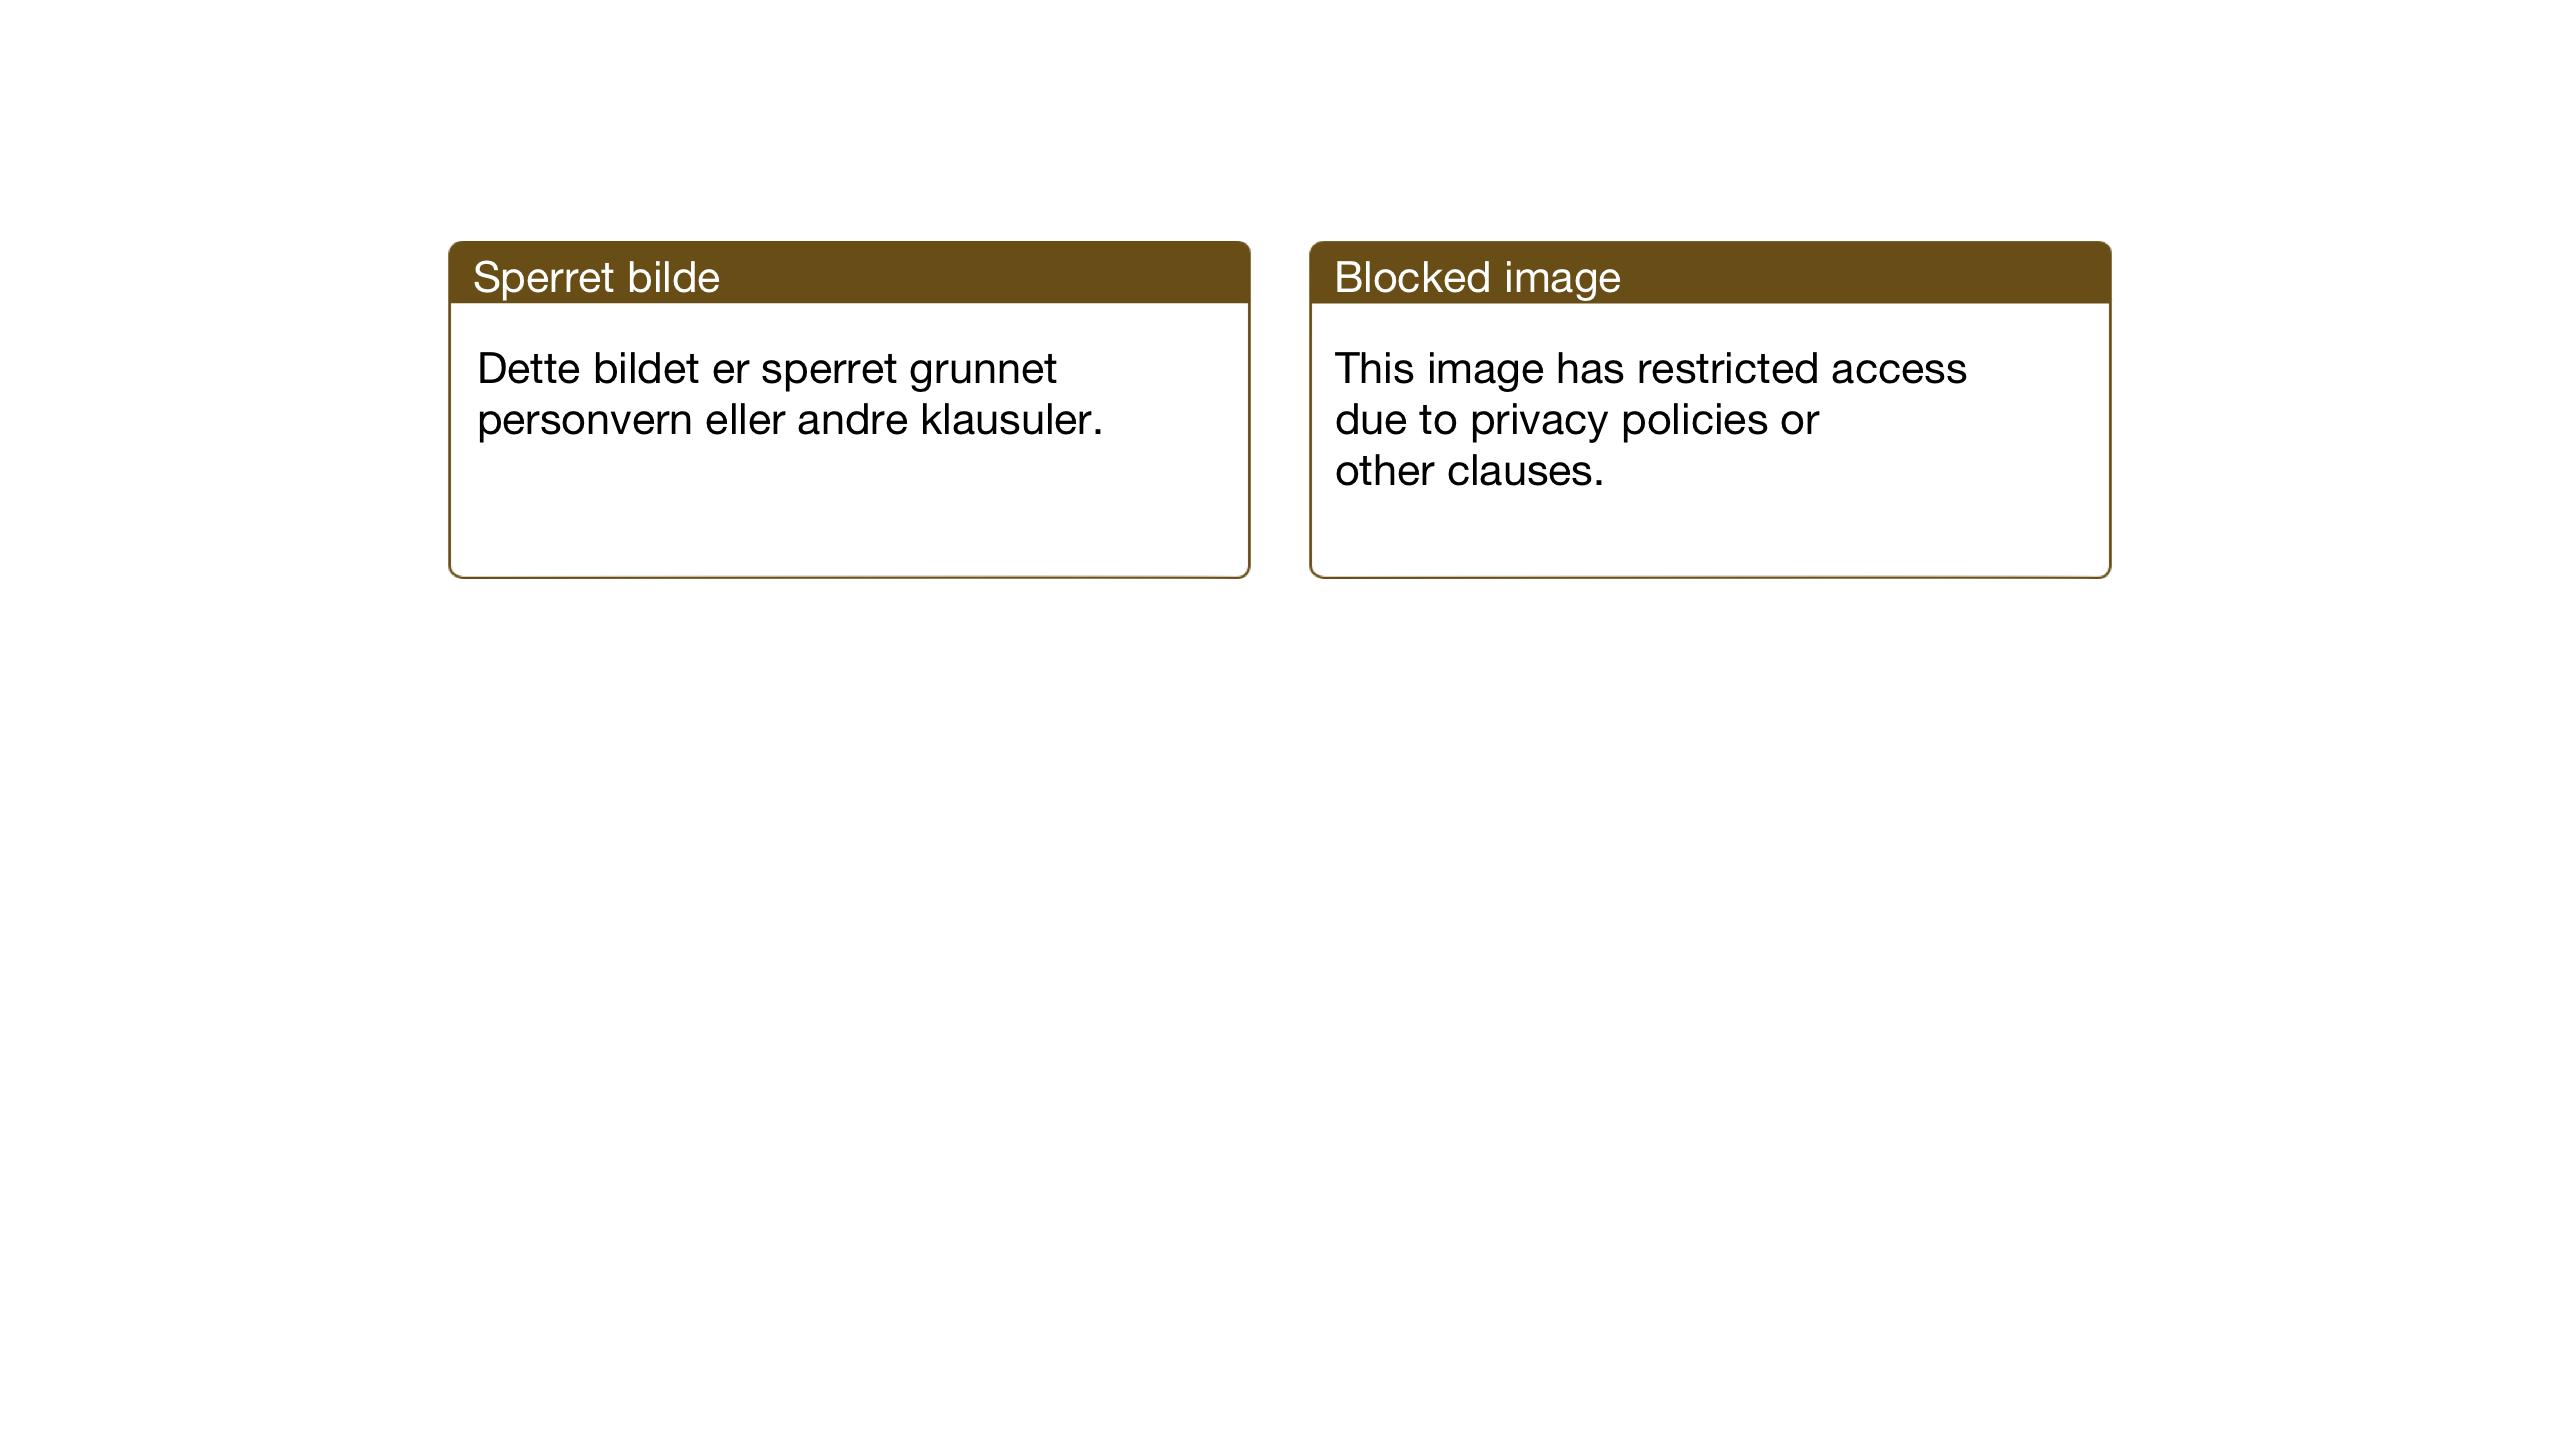 SAT, Ministerialprotokoller, klokkerbøker og fødselsregistre - Sør-Trøndelag, 682/L0947: Klokkerbok nr. 682C01, 1926-1968, s. 49